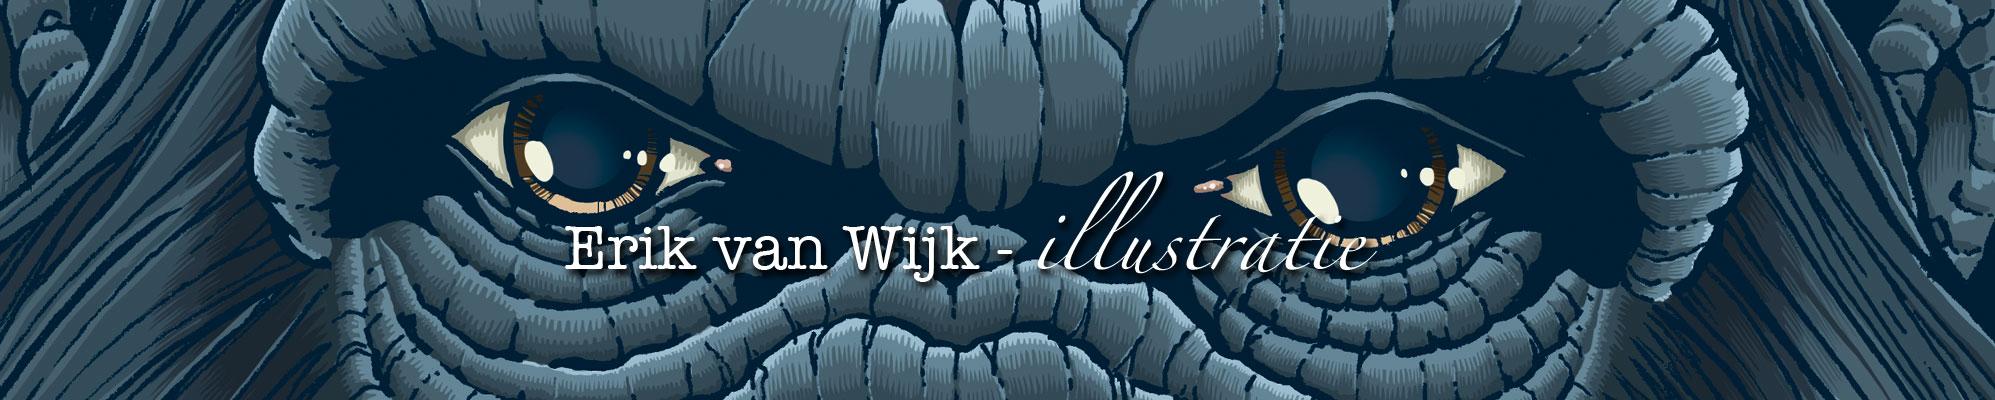 Erik van Wijk – Illustratie